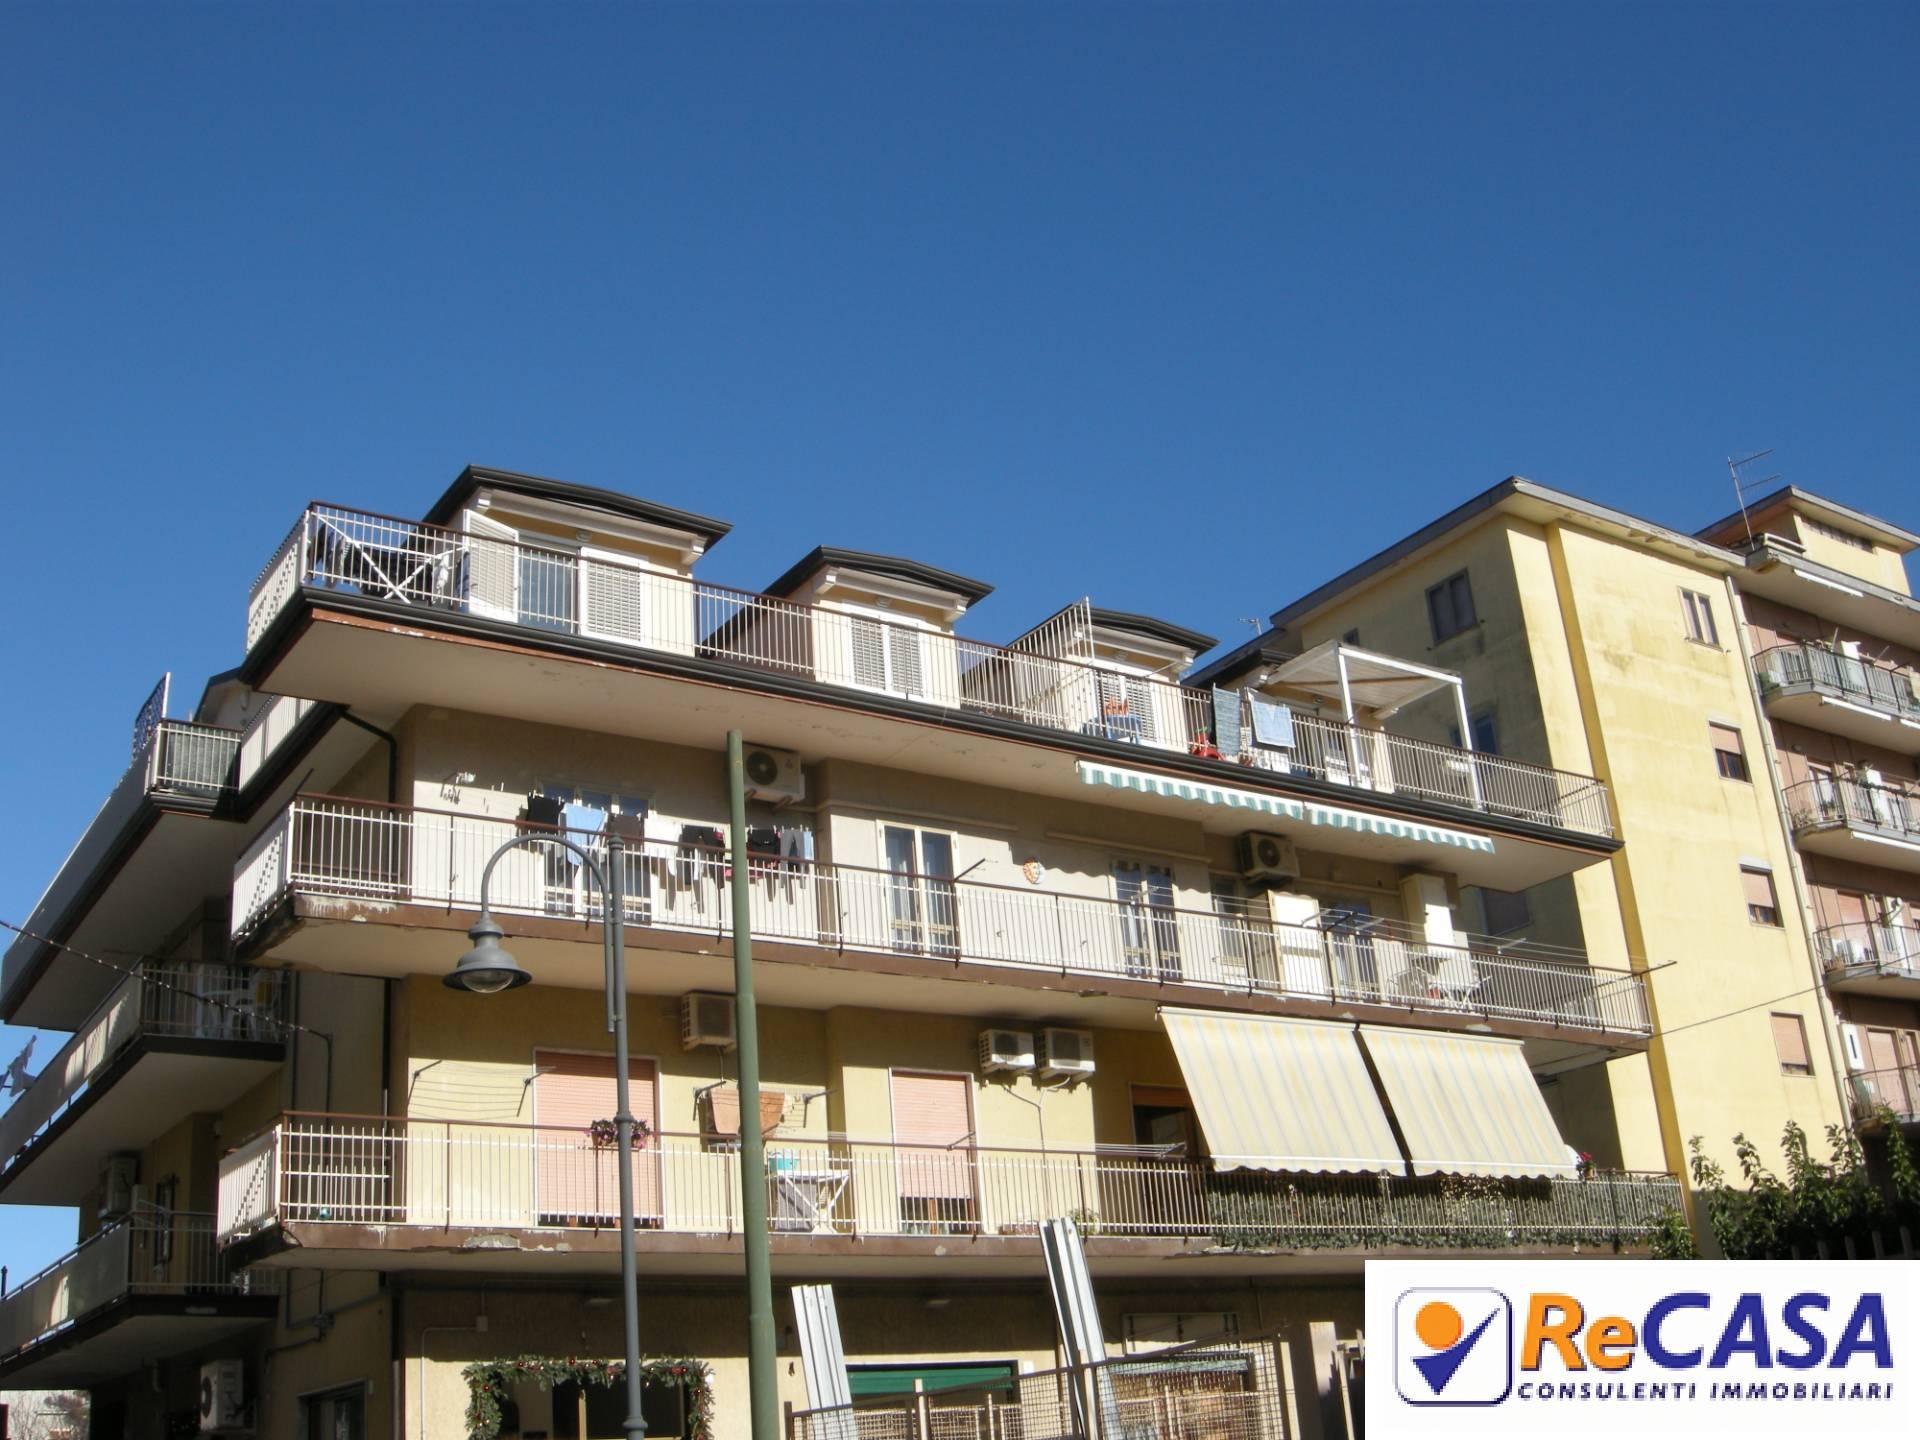 Appartamento in vendita a Bellizzi, 3 locali, zona Località: Centro, prezzo € 119.000 | CambioCasa.it